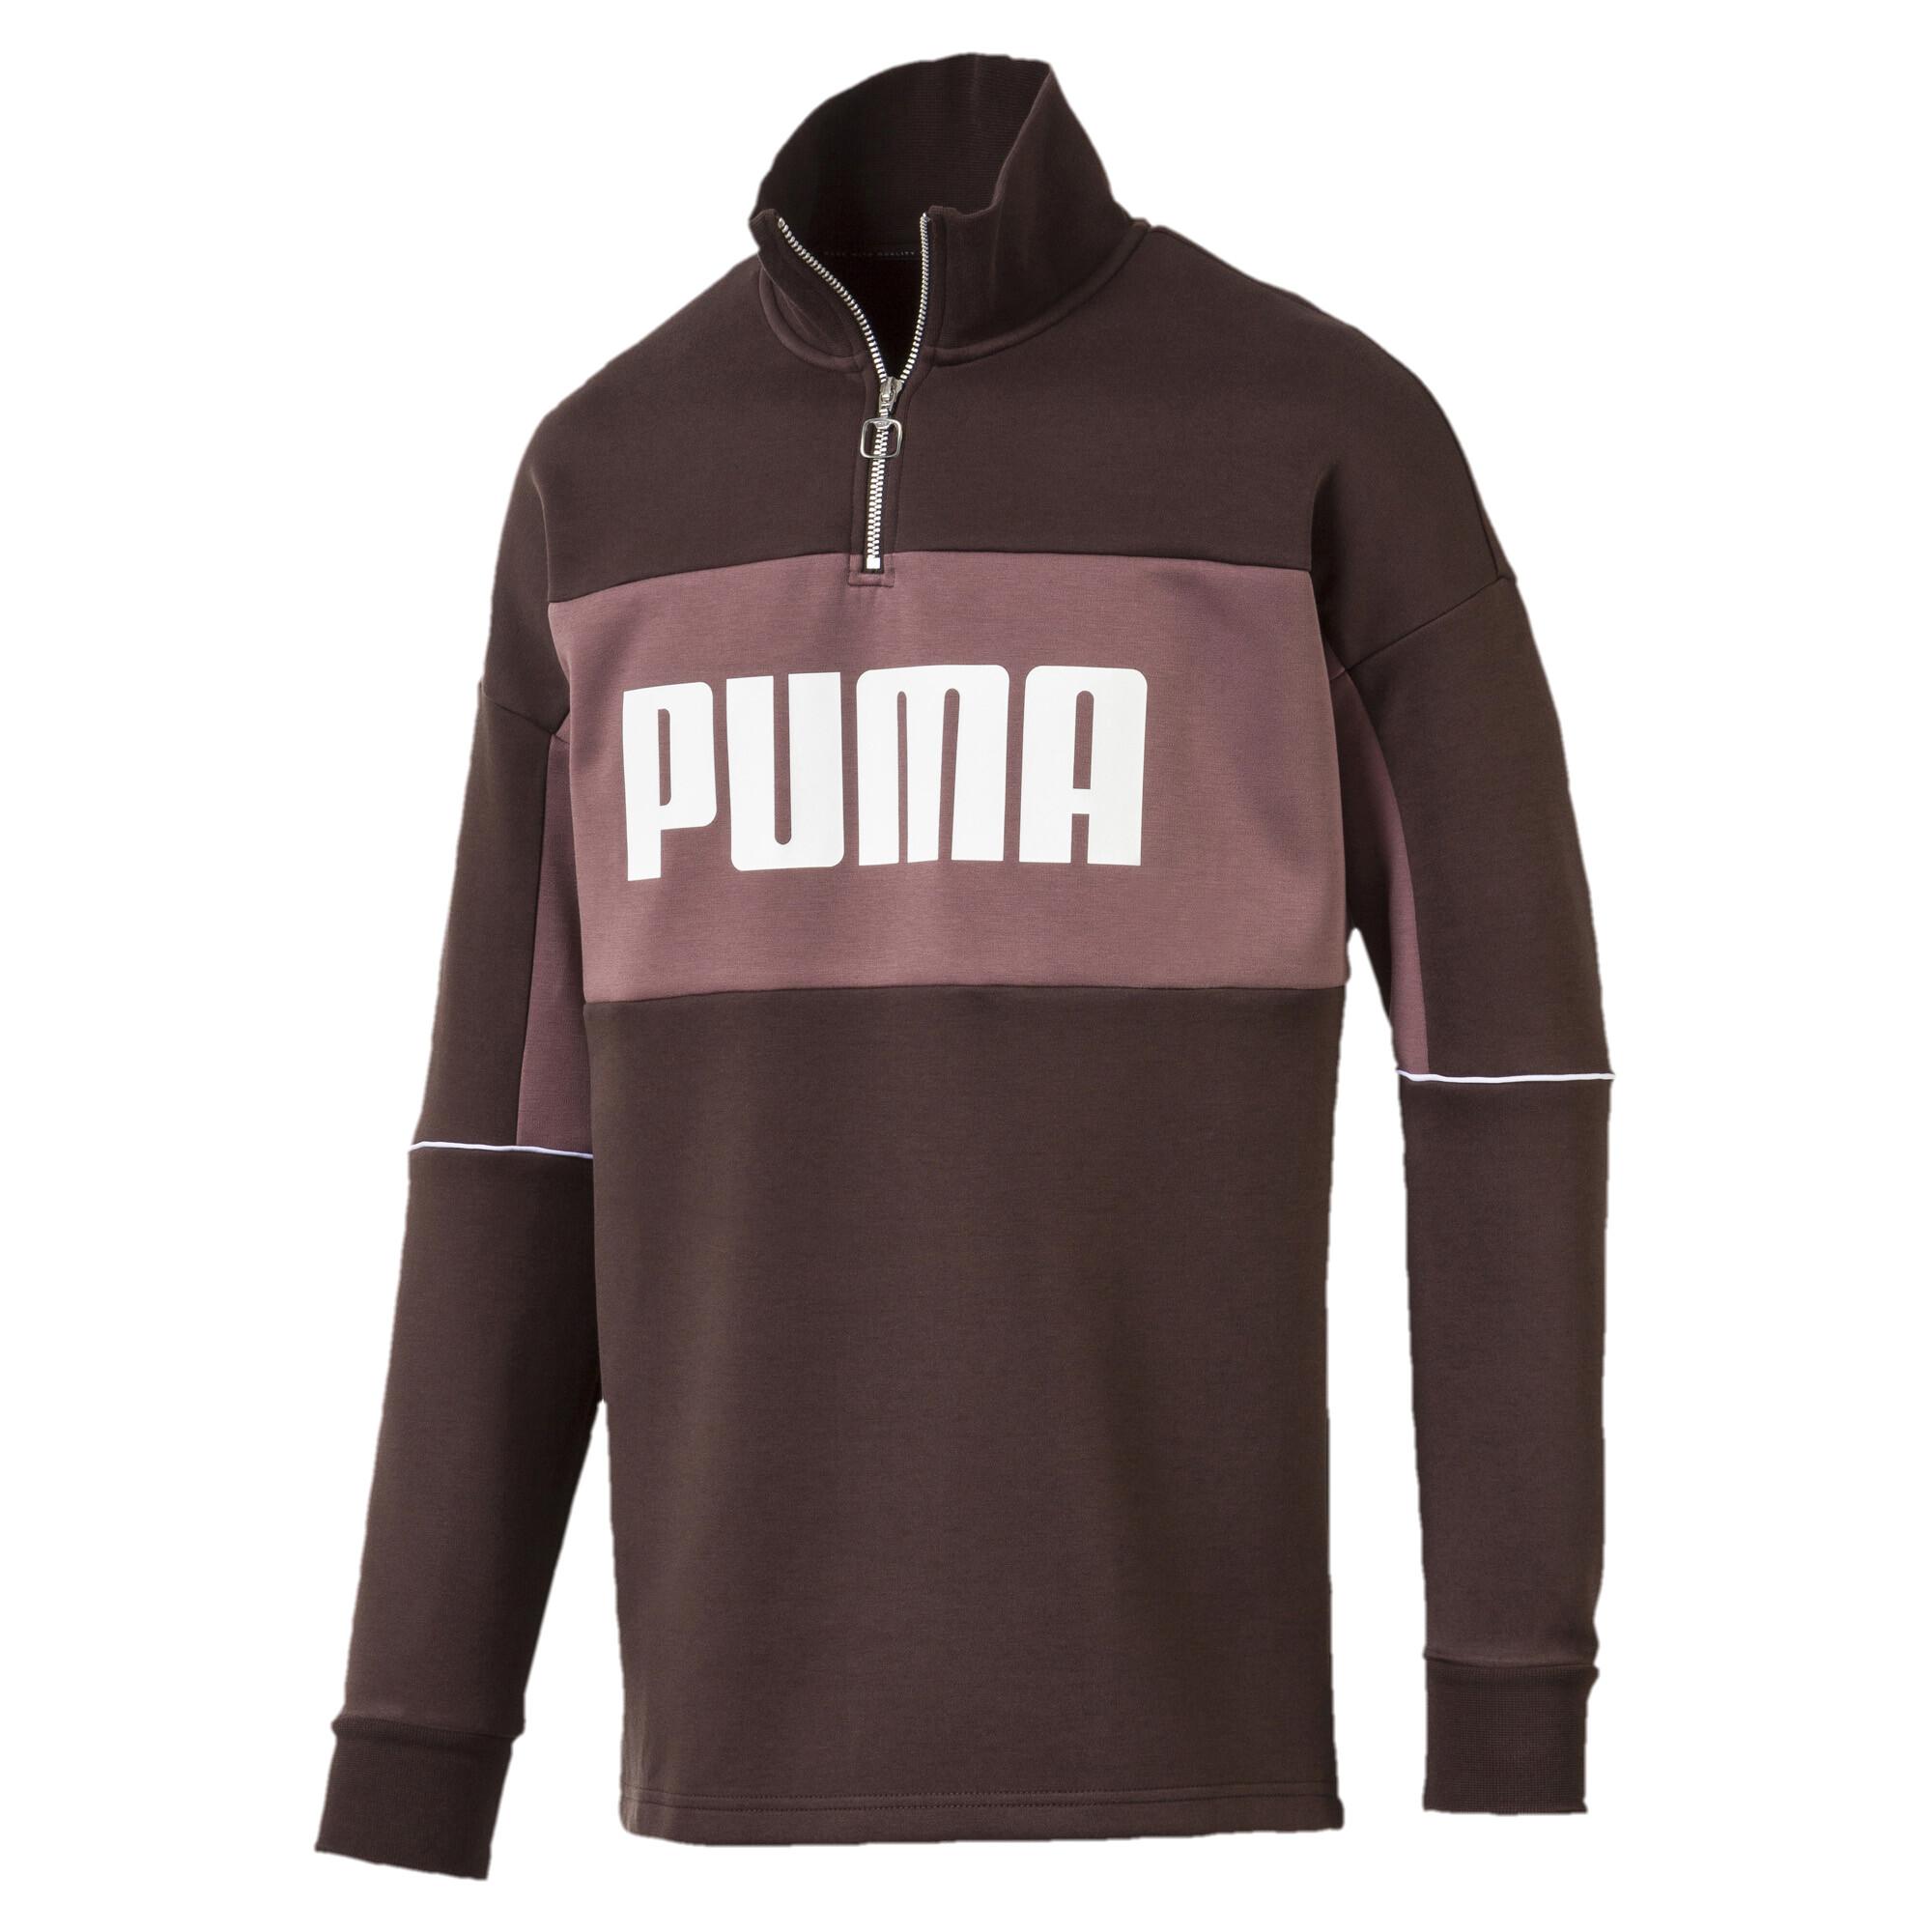 Image Puma Retro Quarter Zip Turtleneck Men's Pullover #4